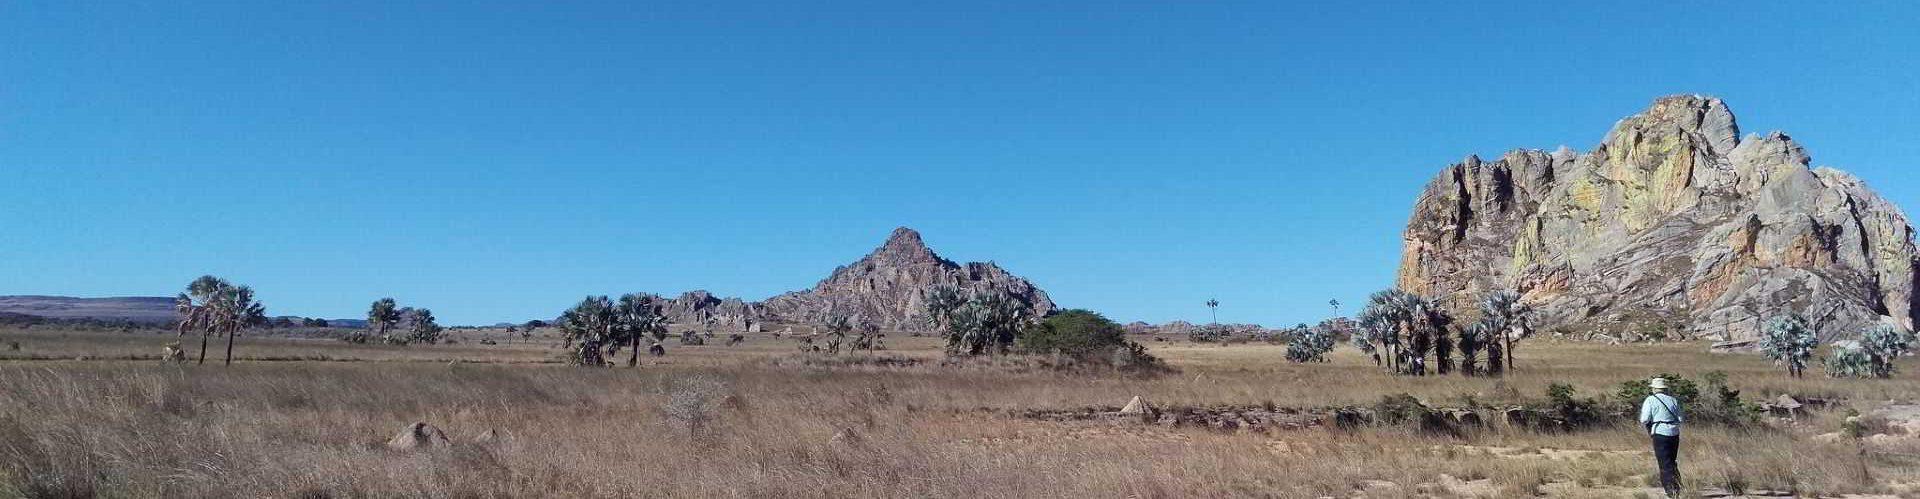 Isalo-Madagascar